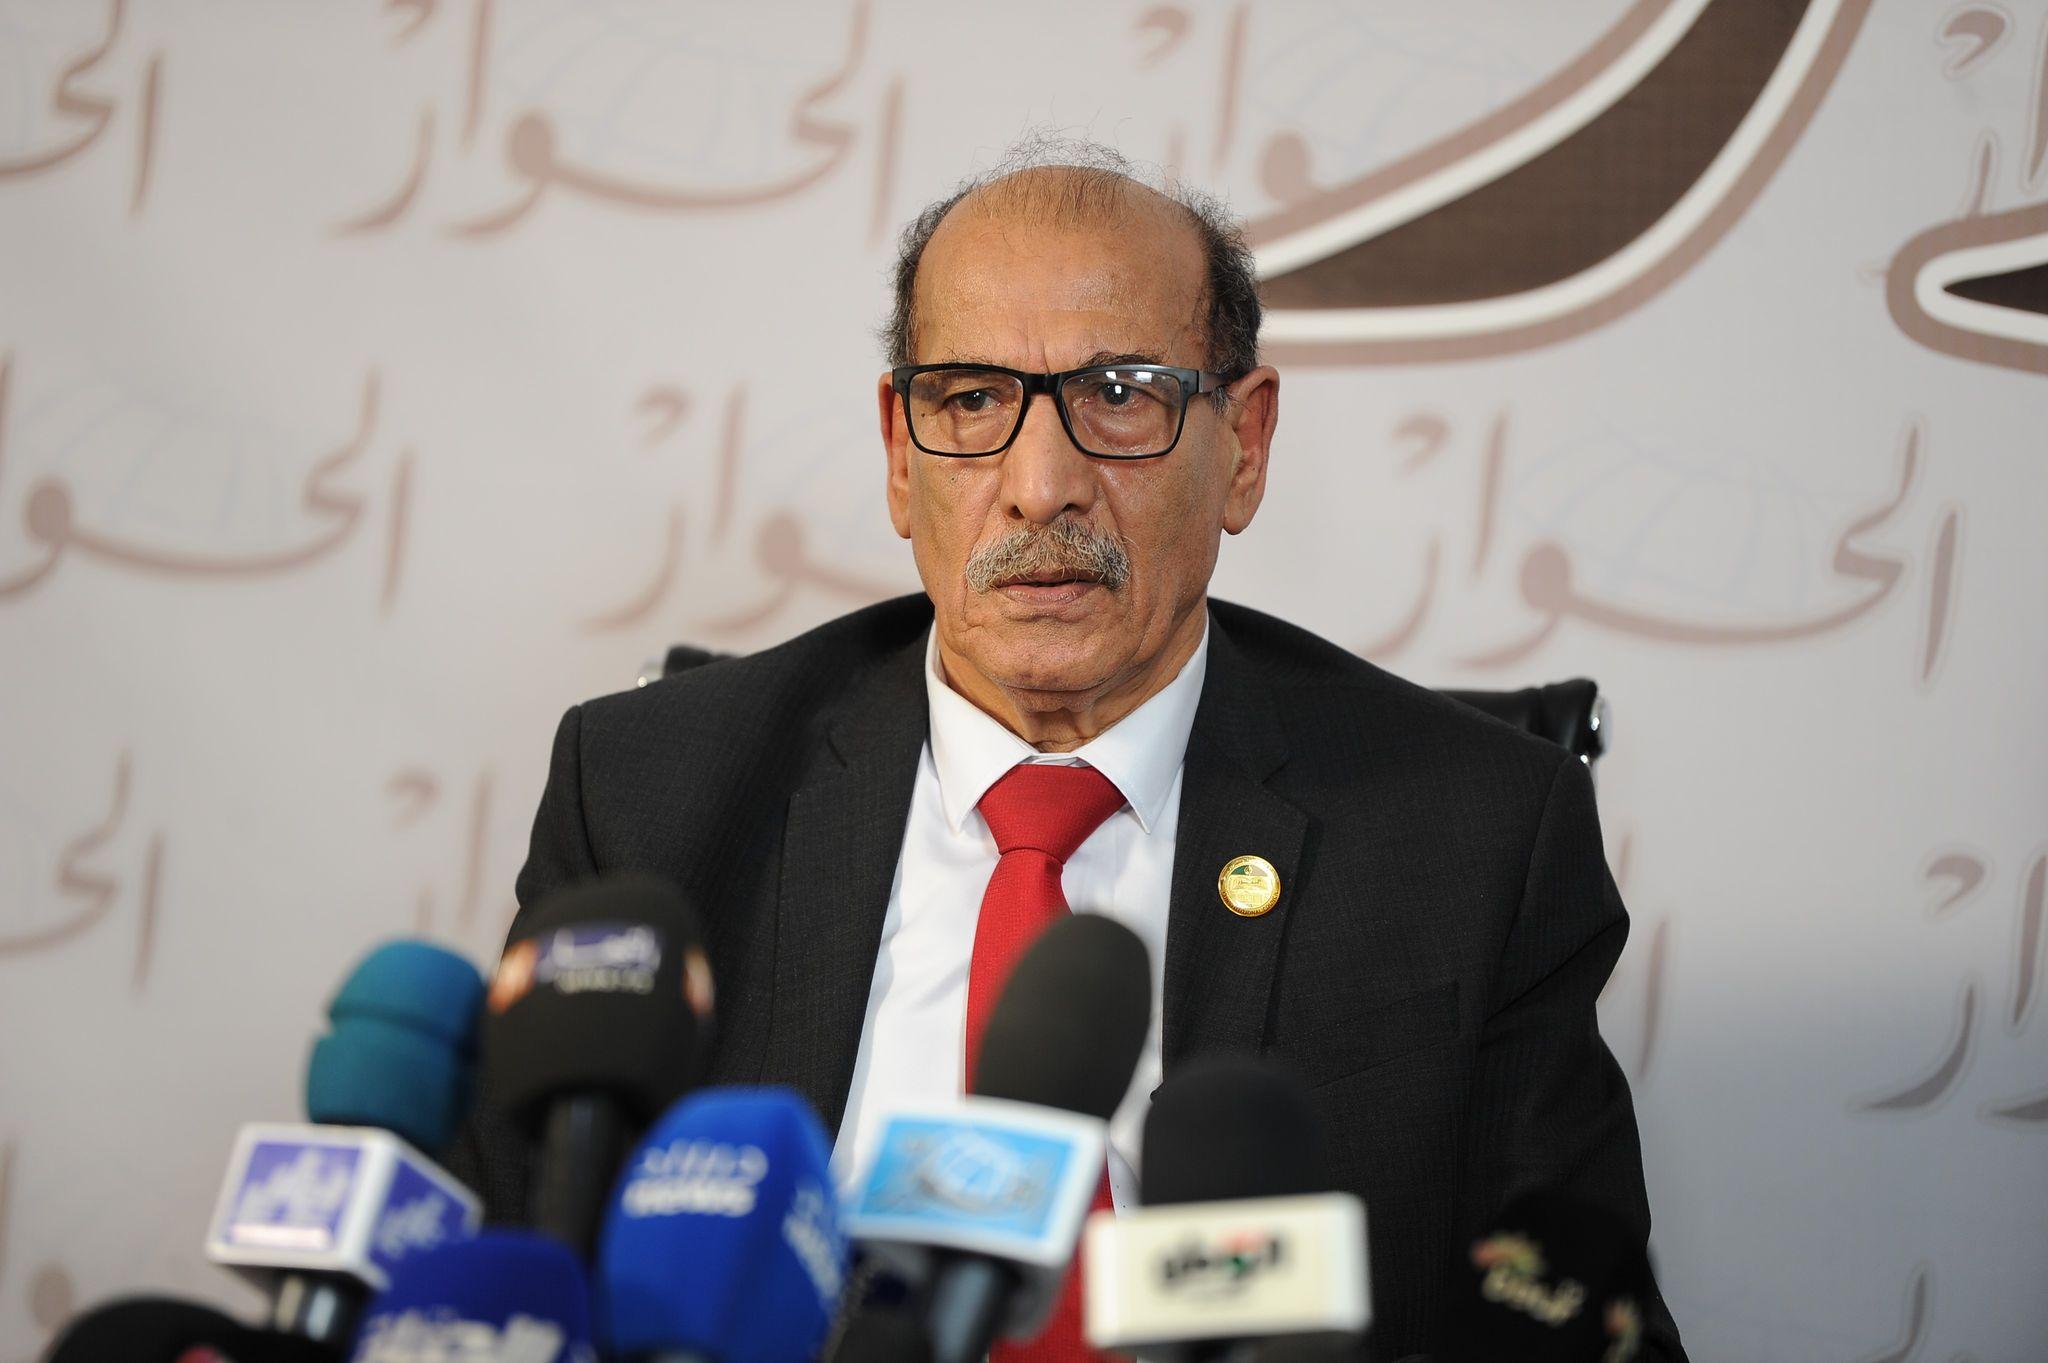 رئيس المجلس الدستوري: بإمكان الجزائريين استخراج جميع الوثائق الإدارية عن بعد